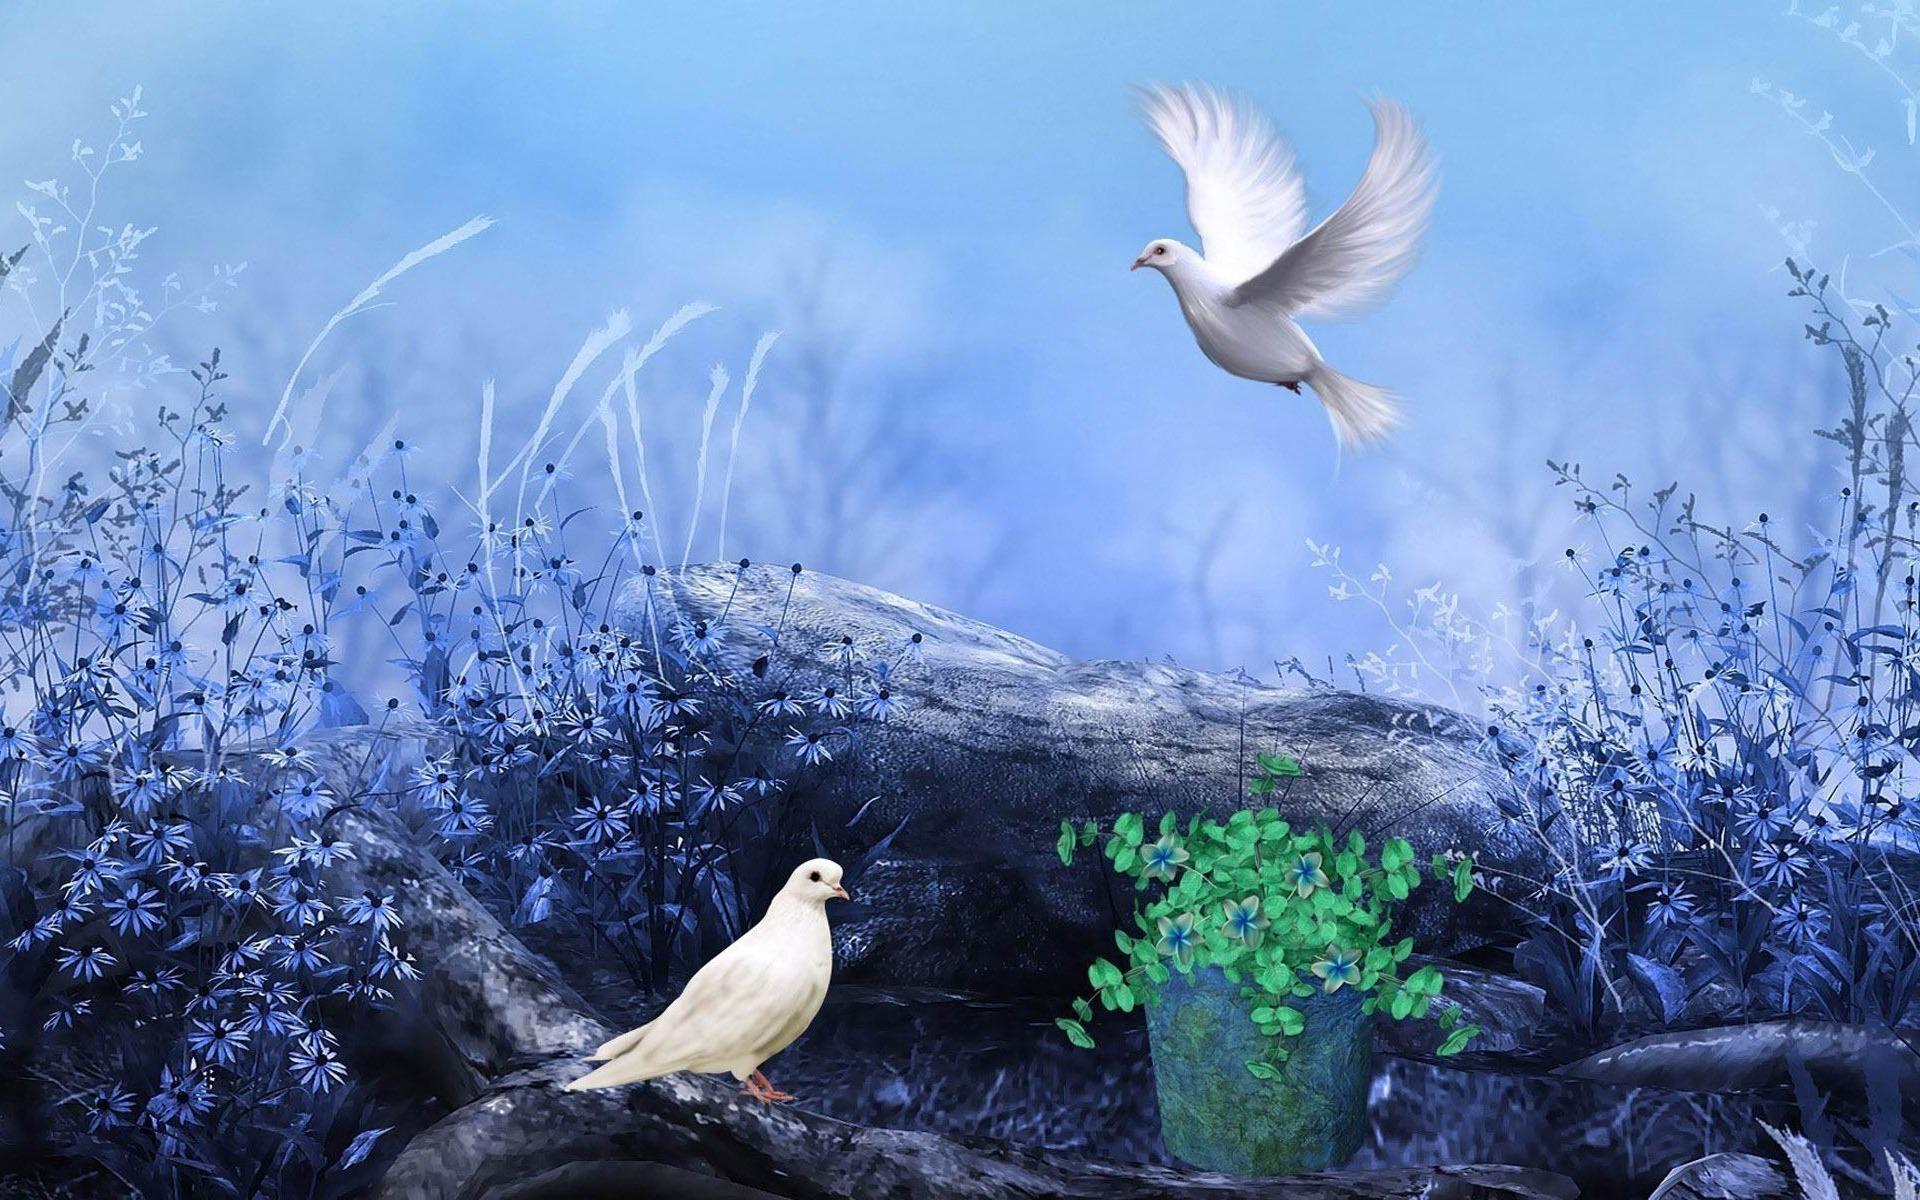 荒野の中に鳩 デジタルアートデザインのhd壁紙プレビュー 10wallpaper Com